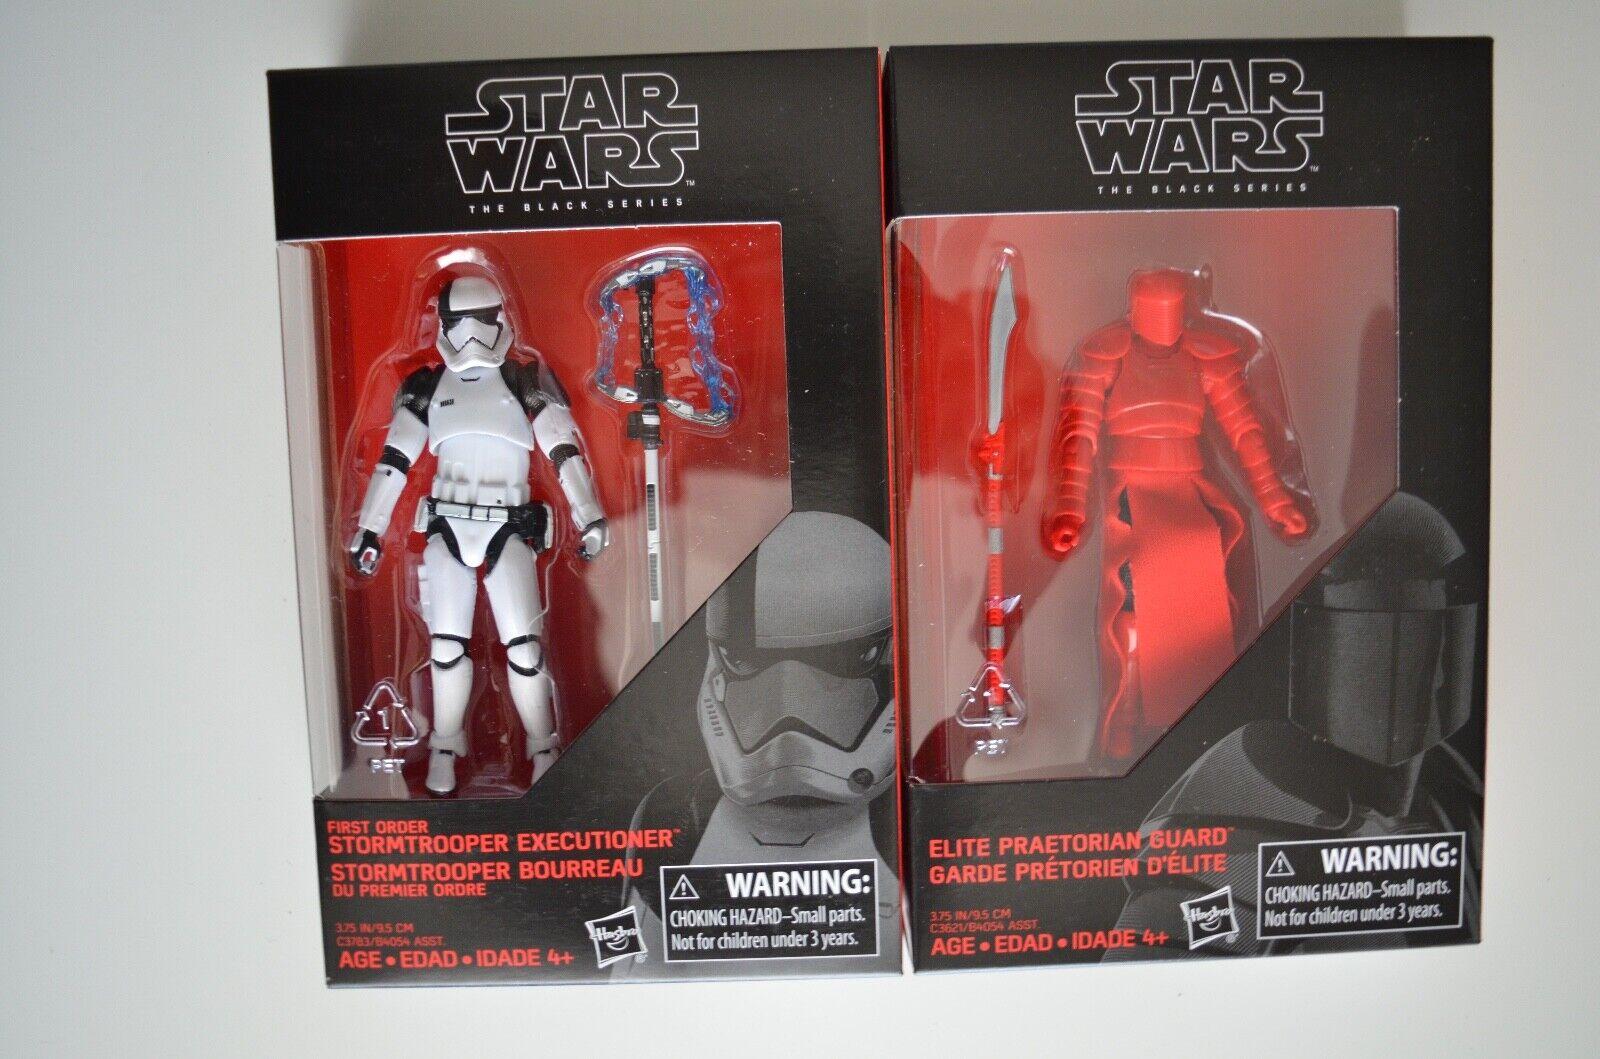 Rose /& FO Stormtrooper Bourreau Star wars Black series 3.75 Luke Skywalker